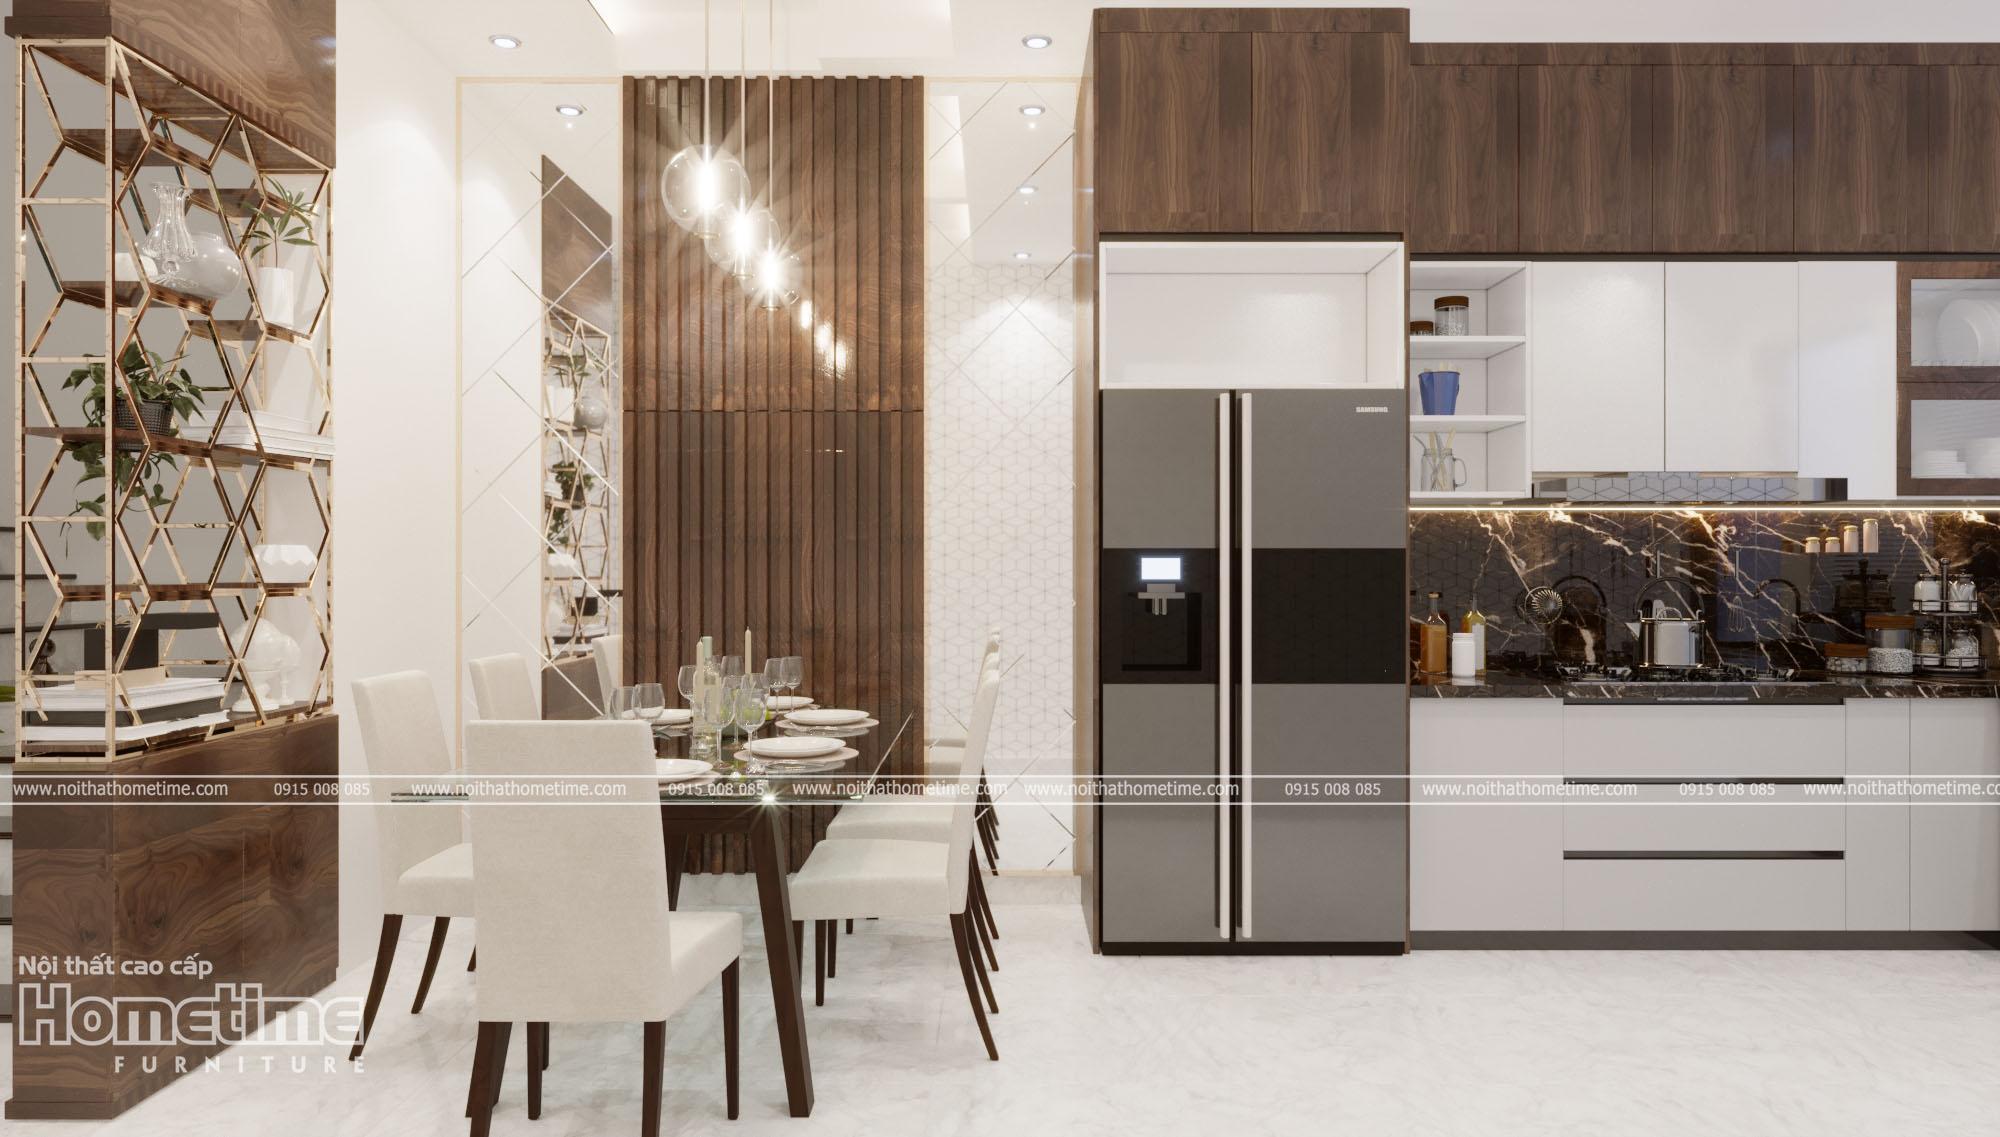 Thiết kế nội thất phòng bếp với nội thất kịch trần